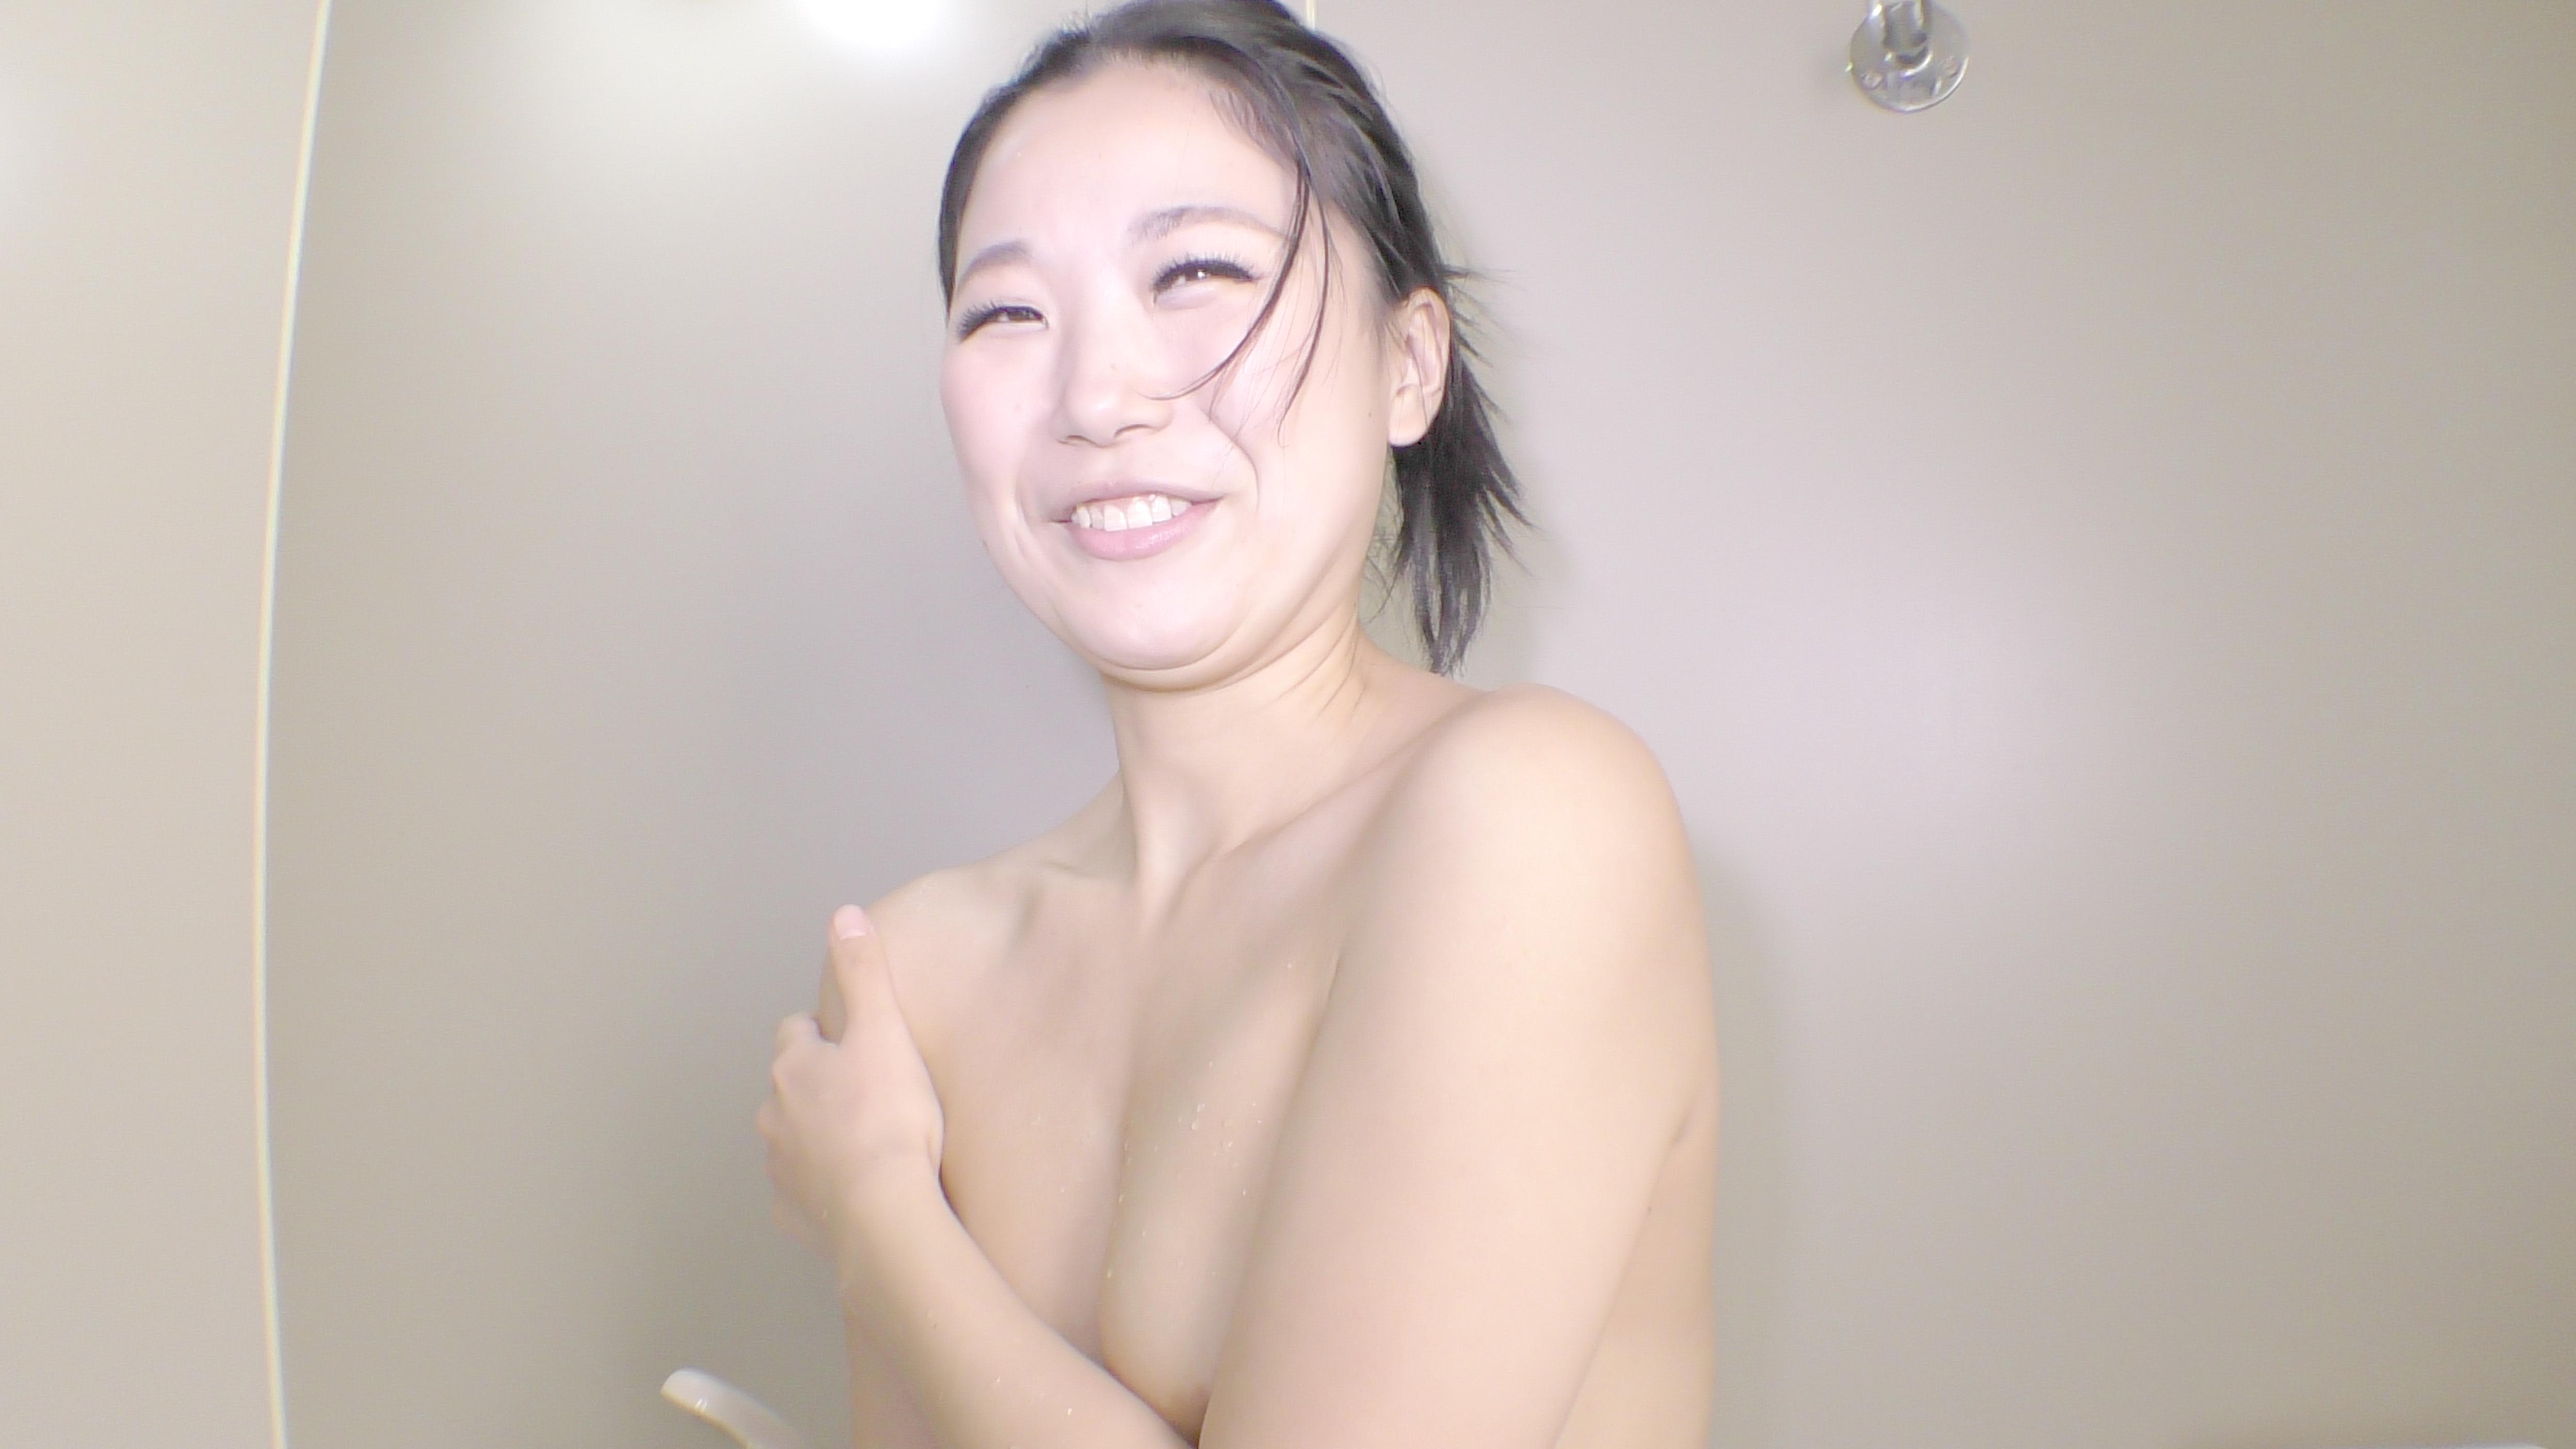 カラダを洗う しんぴな娘たち 1